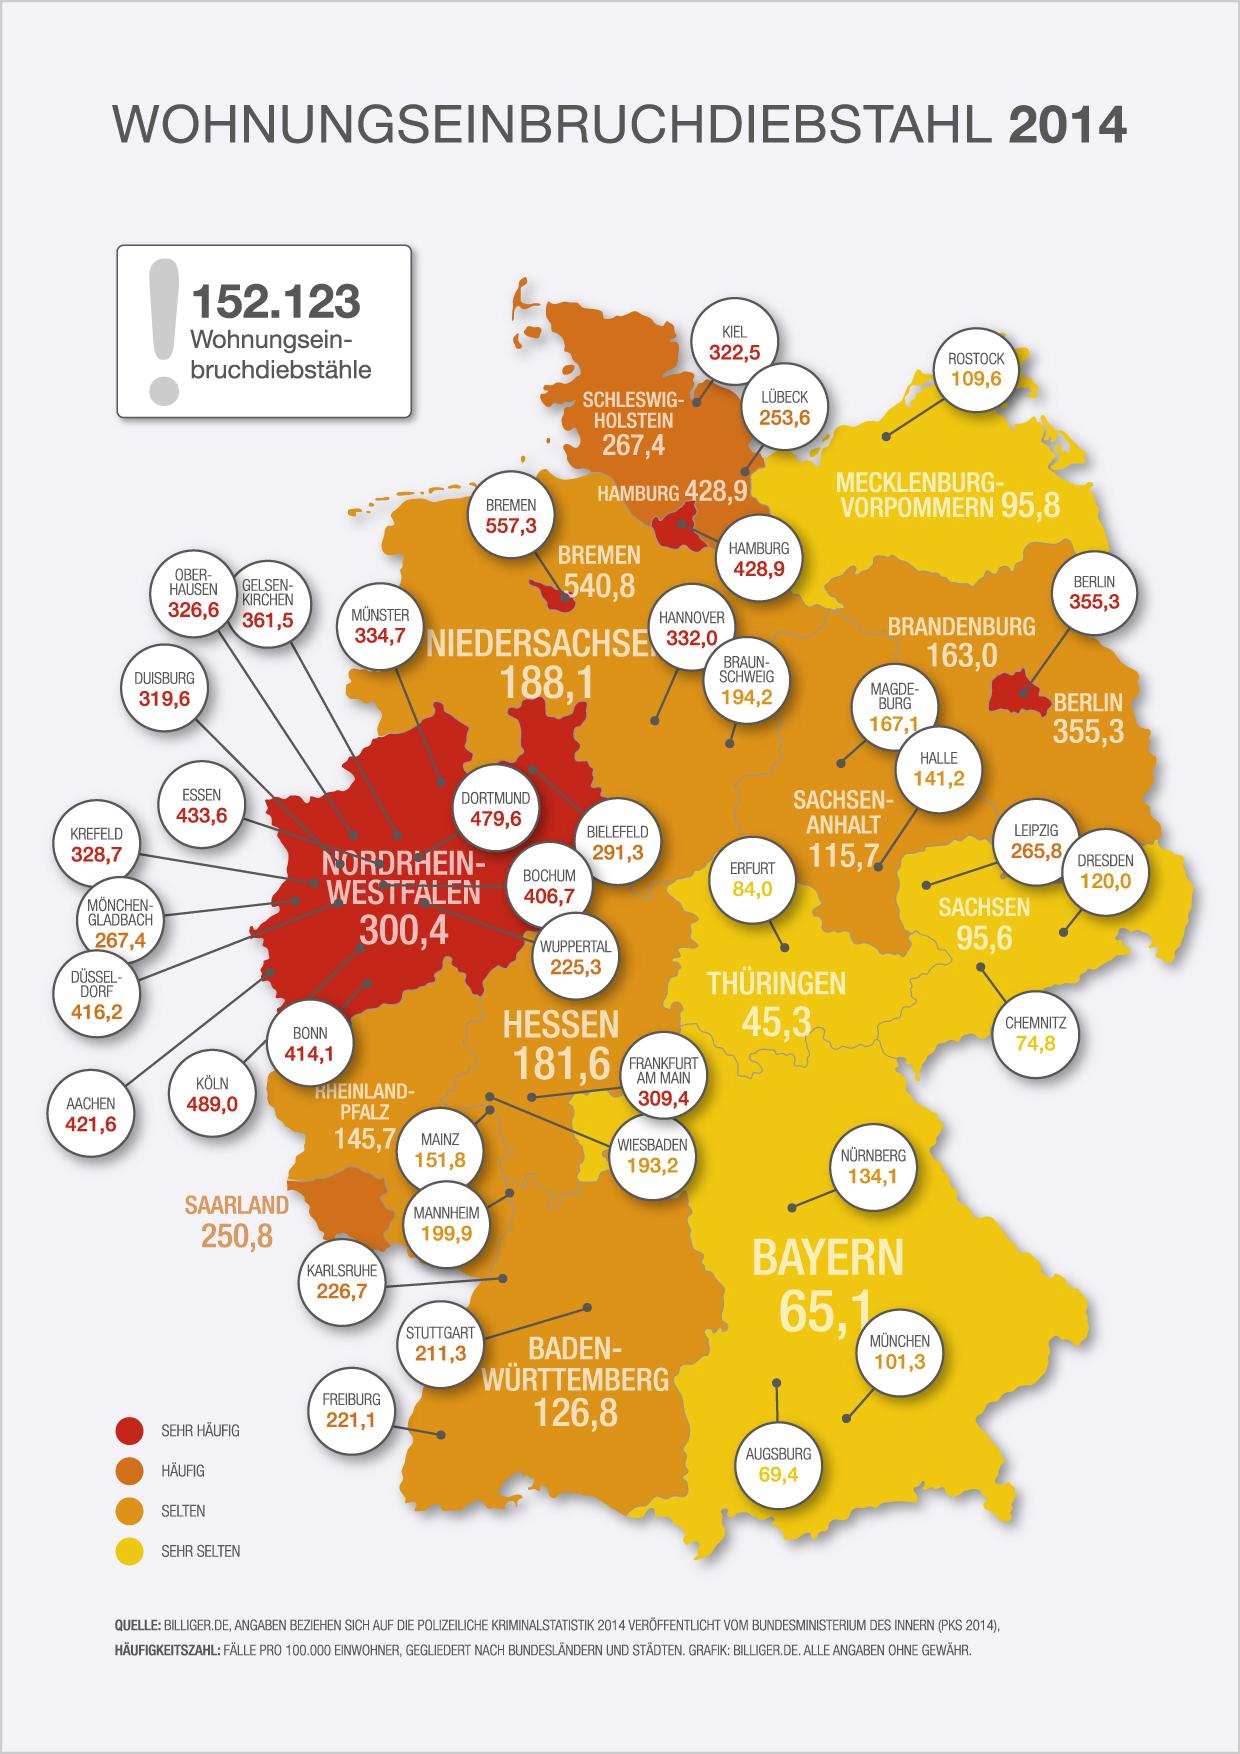 Höchste Gefährdungslage bei Wohnungseinbrüchen im hohen Norden